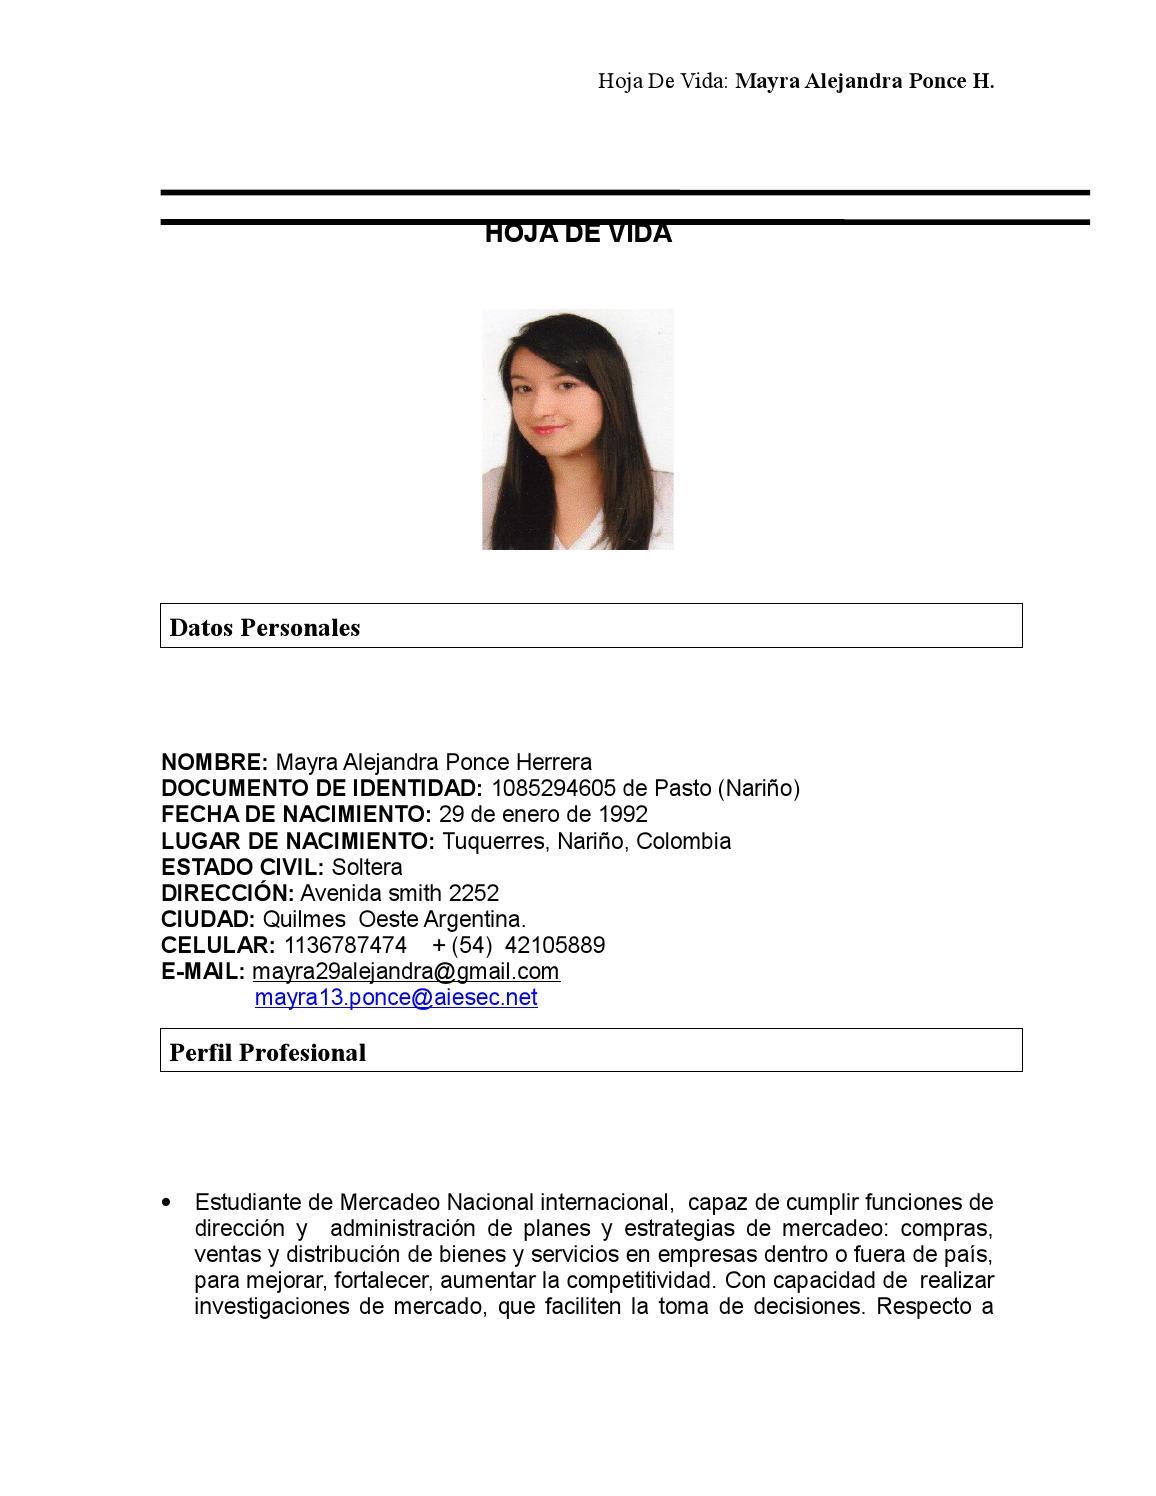 Hoja de vida lista by MAYRA ALEJANDRA PONCE - issuu